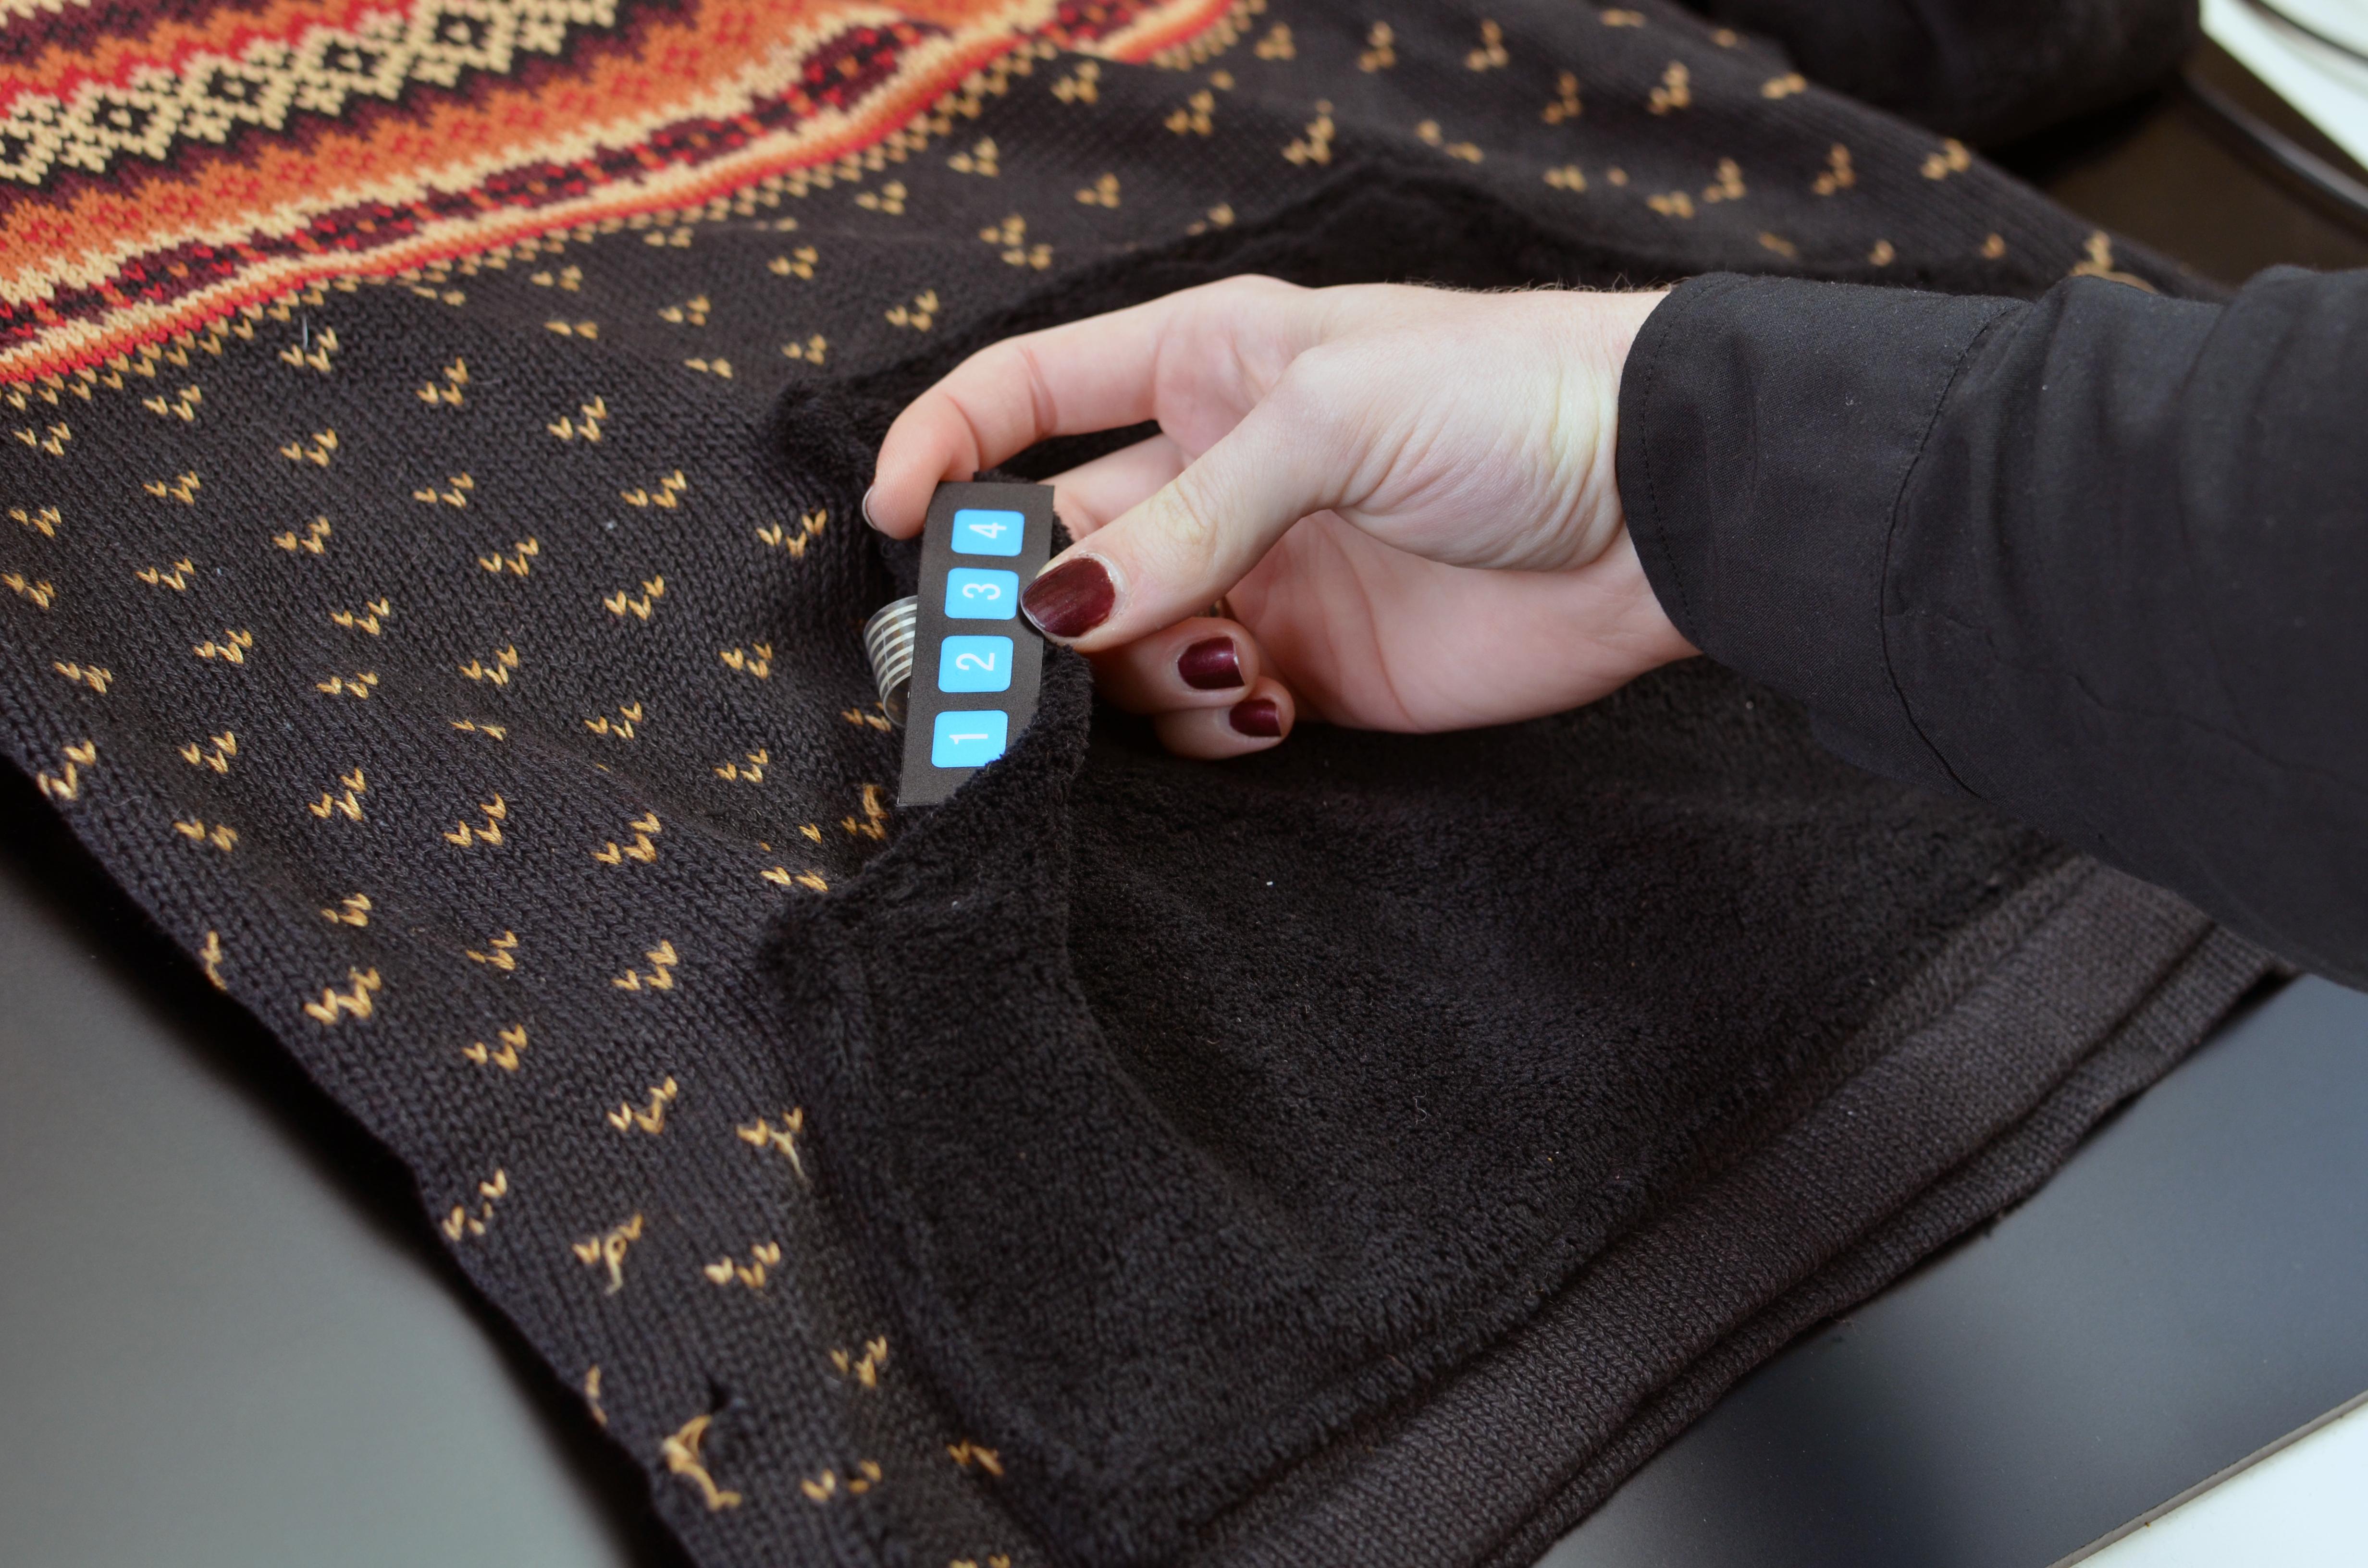 adafruit_products_lous-xmas-sweater-circuit-13.jpg